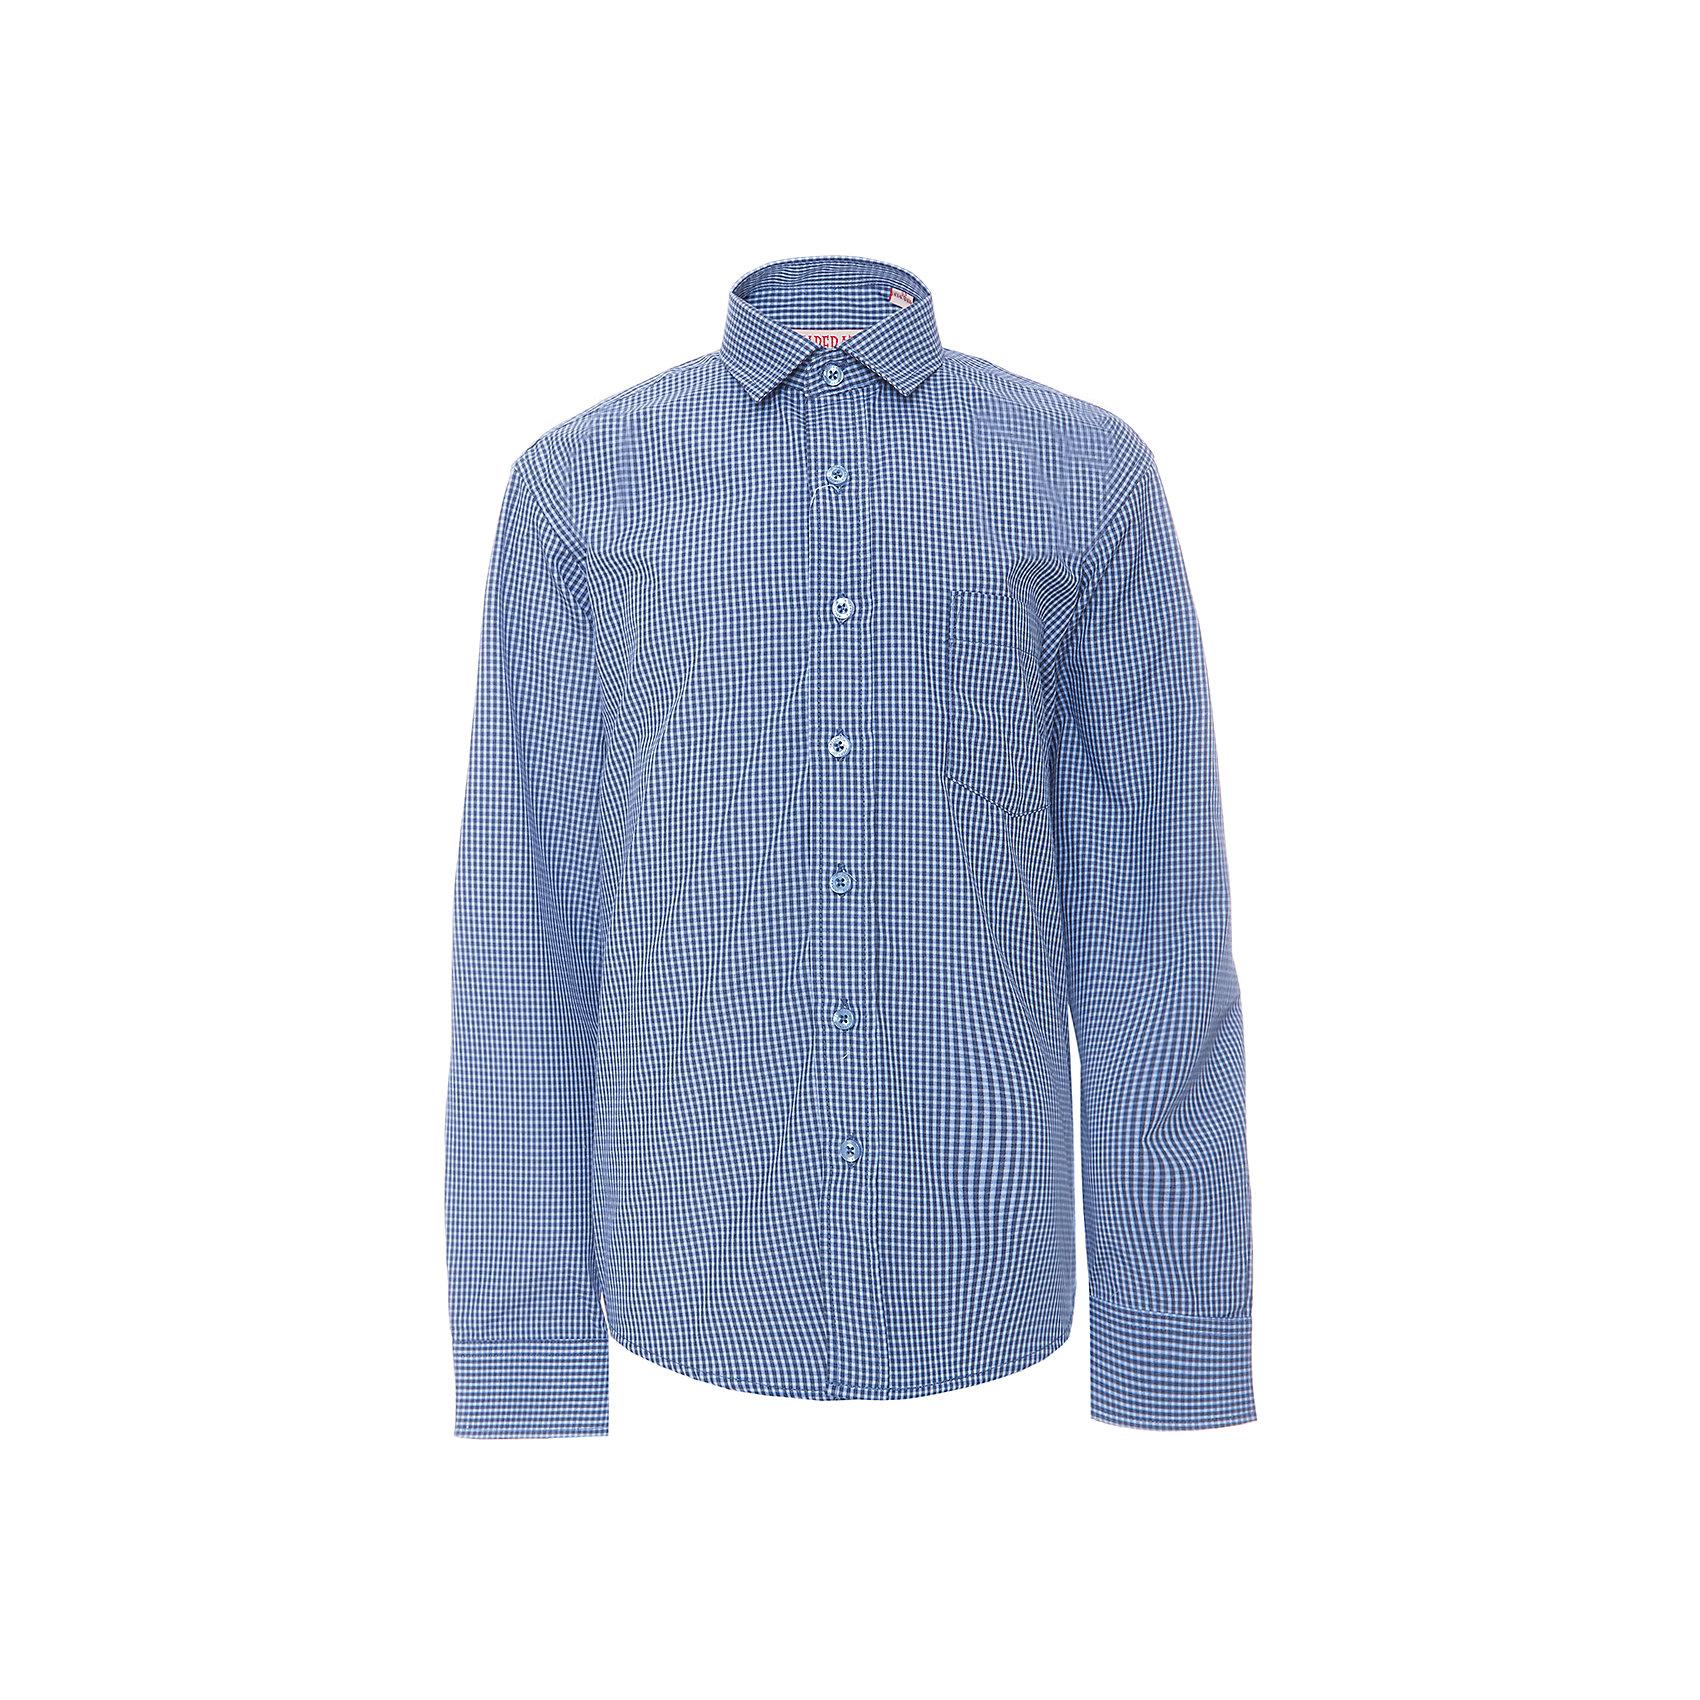 Рубашка для мальчика ImperatorБлузки и рубашки<br>Характеристики товара:<br><br>• цвет: синий<br>• состав ткани: 65% хлопок, 35% полиэстер<br>• особенности: школьная, праздничная<br>• застежка: пуговицы<br>• рукава: длинные<br>• сезон: круглый год<br>• страна бренда: Российская Федерация<br>• страна изготовитель: Китай<br><br>Сорочка классического кроя для мальчика - отличный вариант практичной и стильной школьной одежды.<br><br>Накладной карман, свободный покрой, дышащая ткань с преобладанием хлопка - красиво и удобно.<br><br>Рубашку для мальчика Imperator (Император) можно купить в нашем интернет-магазине.<br><br>Ширина мм: 174<br>Глубина мм: 10<br>Высота мм: 169<br>Вес г: 157<br>Цвет: синий<br>Возраст от месяцев: 156<br>Возраст до месяцев: 168<br>Пол: Мужской<br>Возраст: Детский<br>Размер: 164/170,122/128,128/134,134/140,140/146,146/152,146/152,152/158,152/158,158/164<br>SKU: 6860765